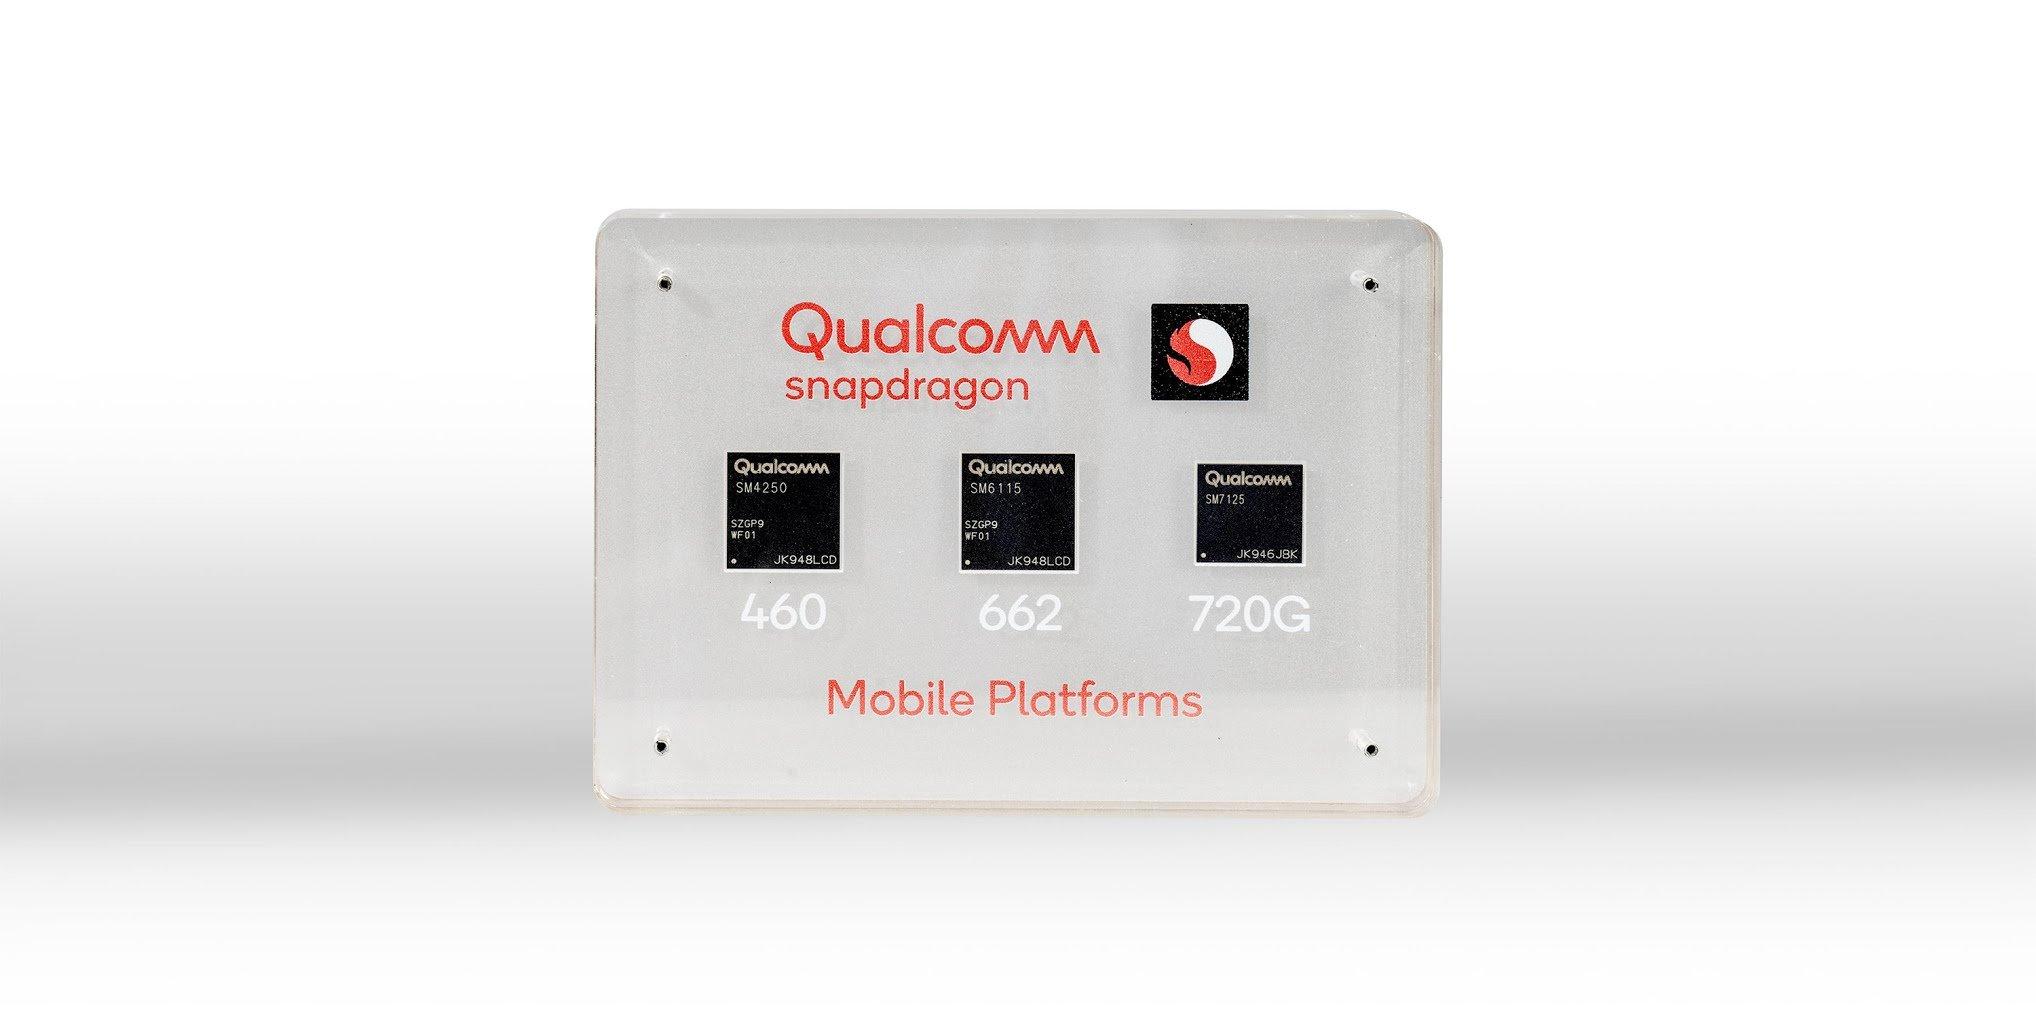 ¡Qualcomm Snapdragon 720G, 662 y 460 están aquí!